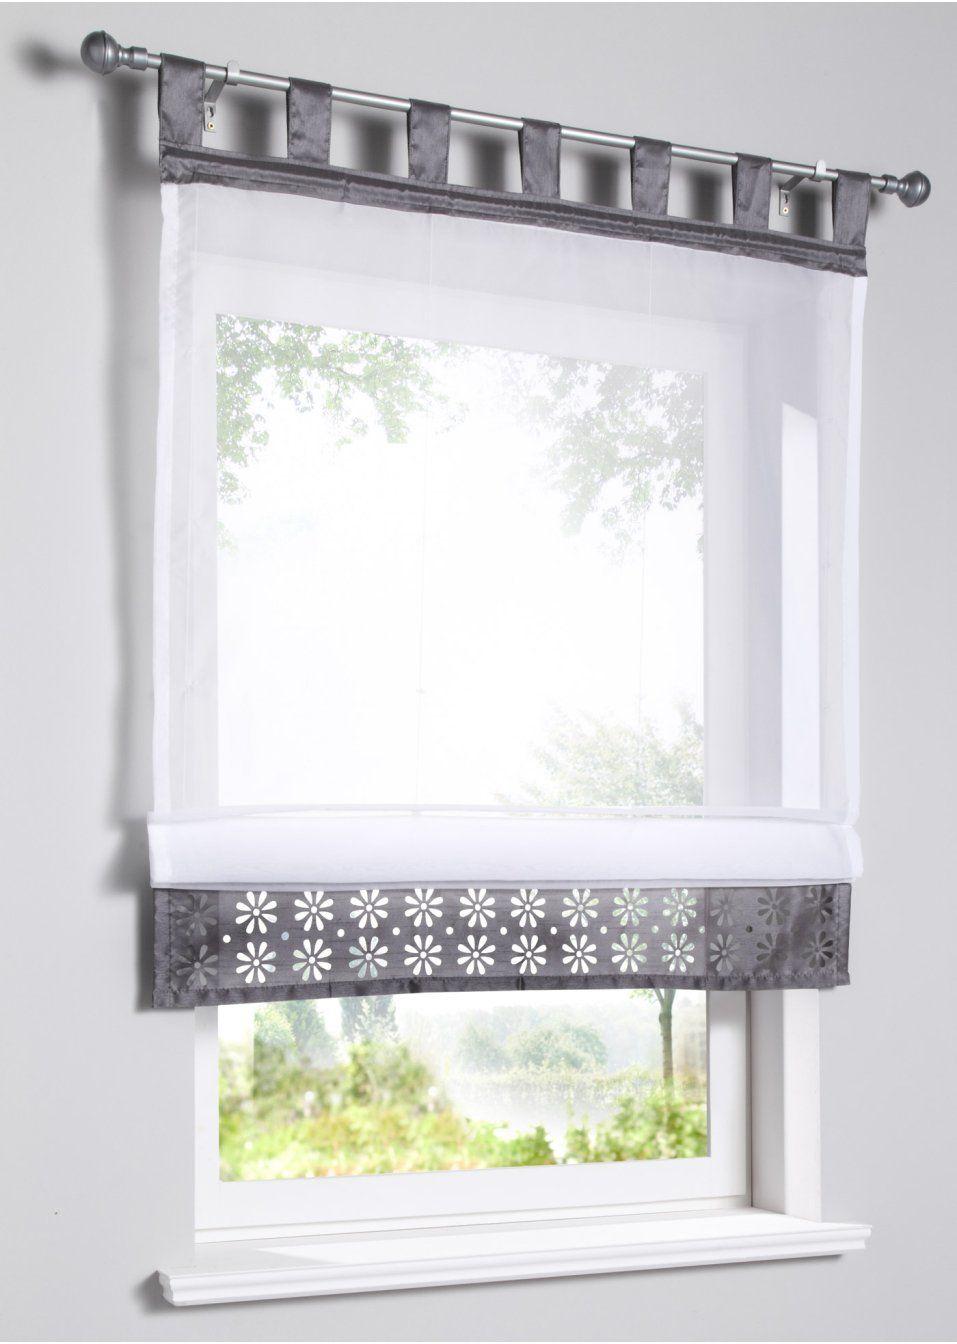 Full Size of Bonprix Gardinen Querbehang Pin Von Czko Auf Windows Door Ways In 2020 Vorhang Gestaltung Fenster Schlafzimmer Für Küche Die Wohnzimmer Betten Wohnzimmer Bonprix Gardinen Querbehang